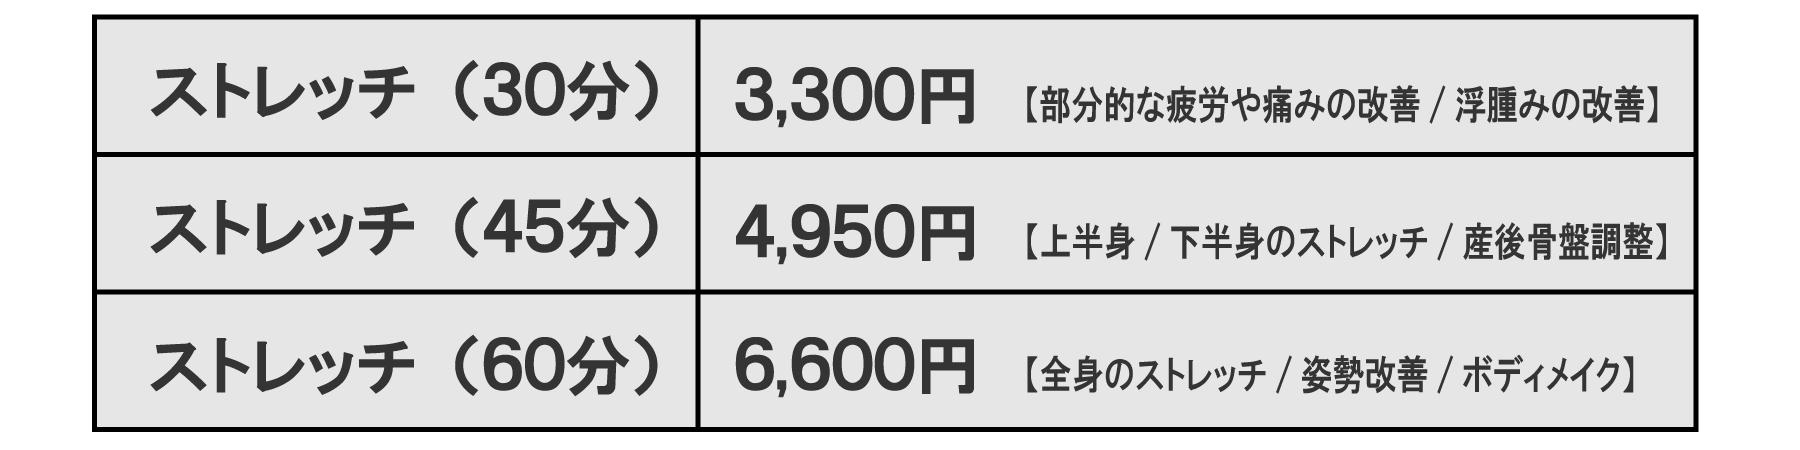 ストレッチ 料金.jpg